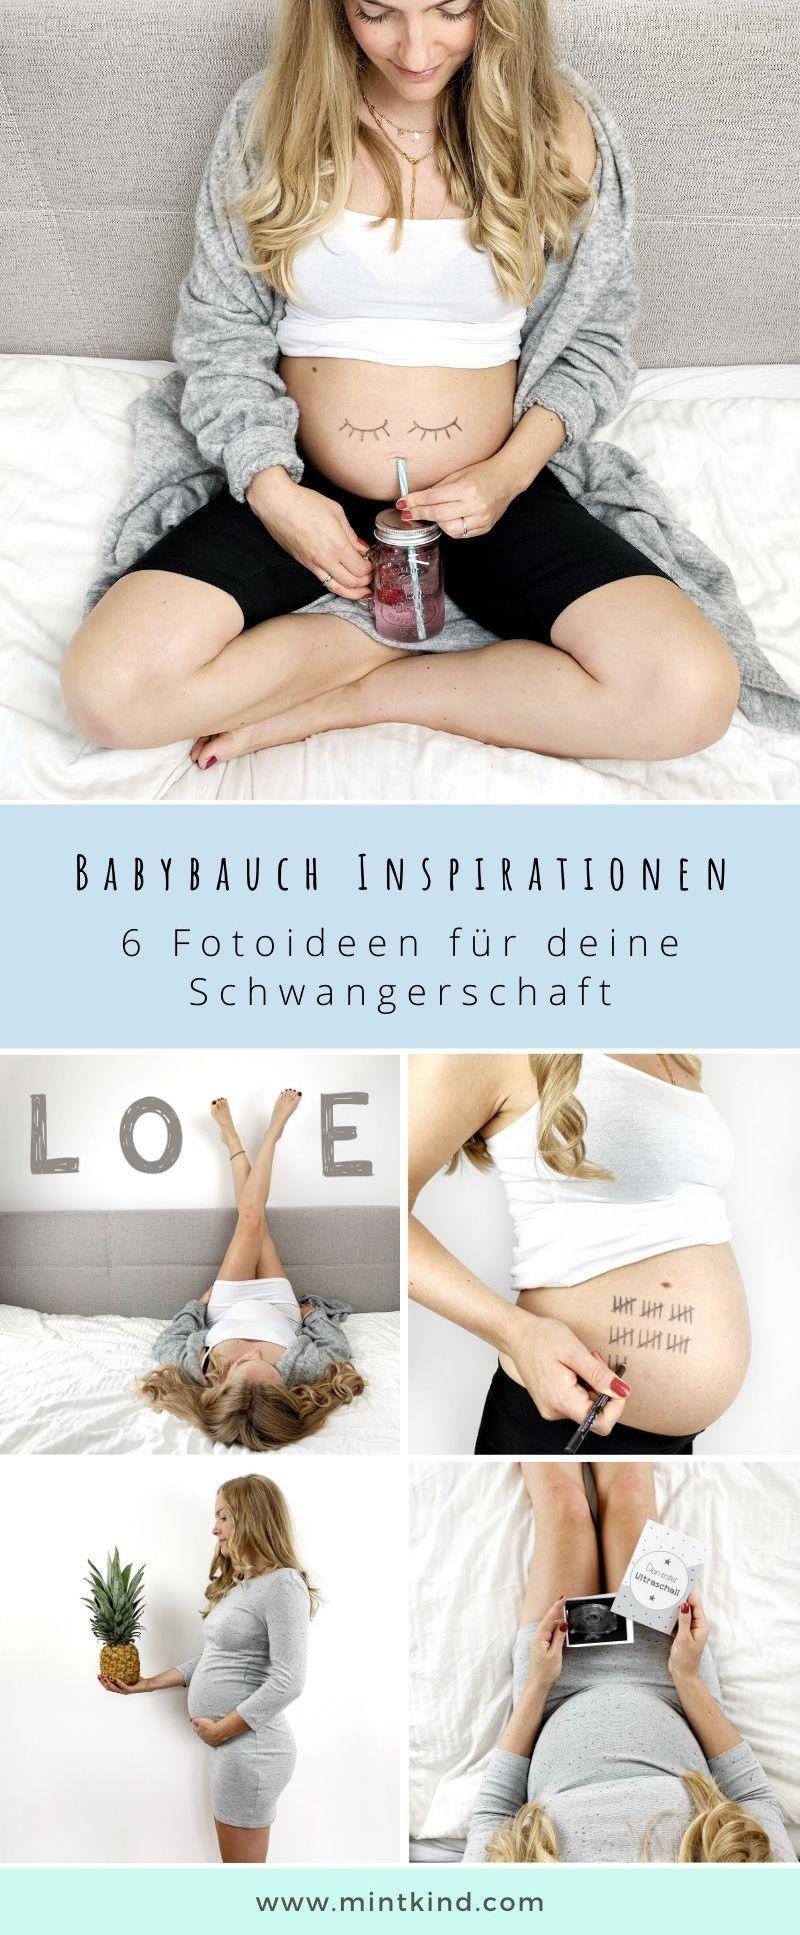 Photo of Babybauch Inspirationen – 6 Fotoideen für deine Schwangerschaft – mintkind – Blog